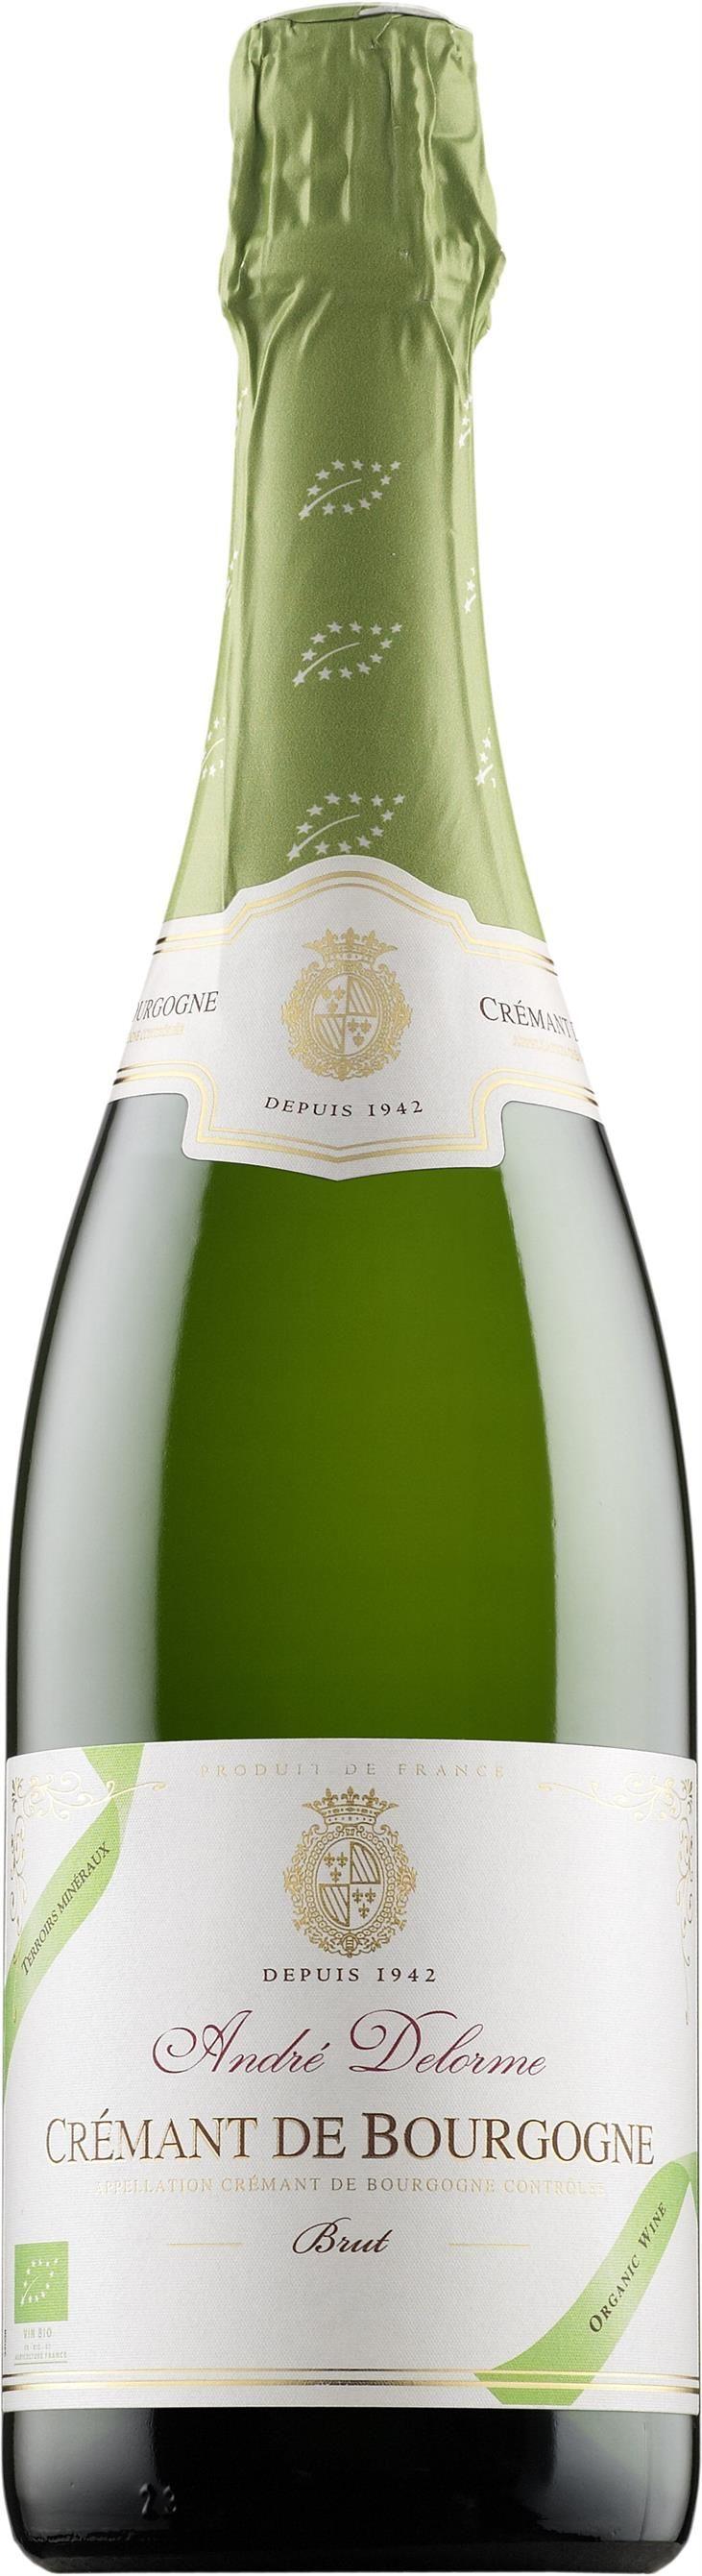 André Delorme Crémant de Bourgogne Organic Brut. France:: Pinot Noir, Chardonnay, Aligoté. 17,89 €. Erittäin kuiva, hapokas, sitruksinen, viheromenainen, mineraalinen, tasapainoinen, raikas